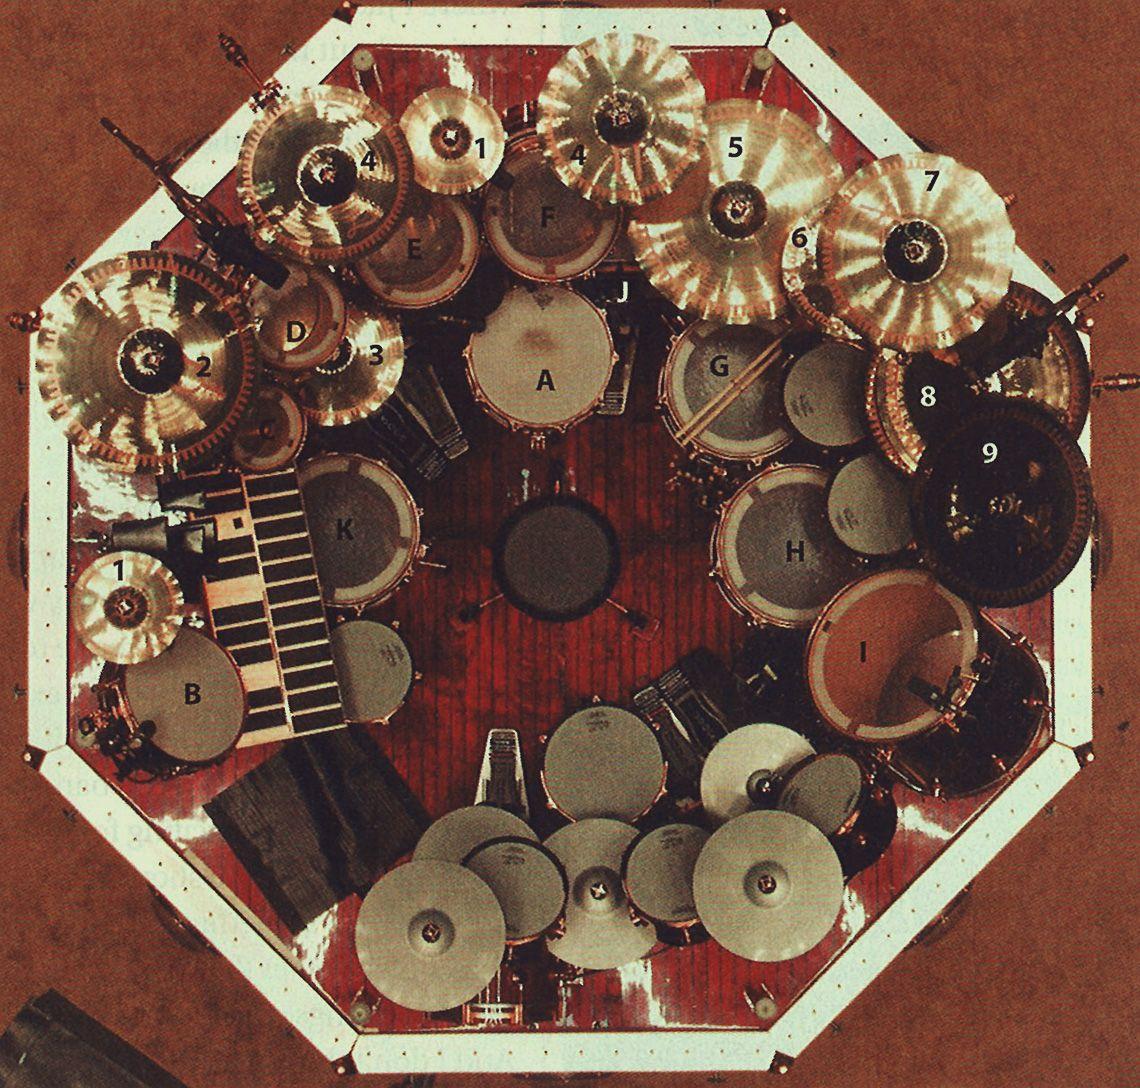 Neil Peart Clockwork Angels Drum Kit | www.imgkid.com ...